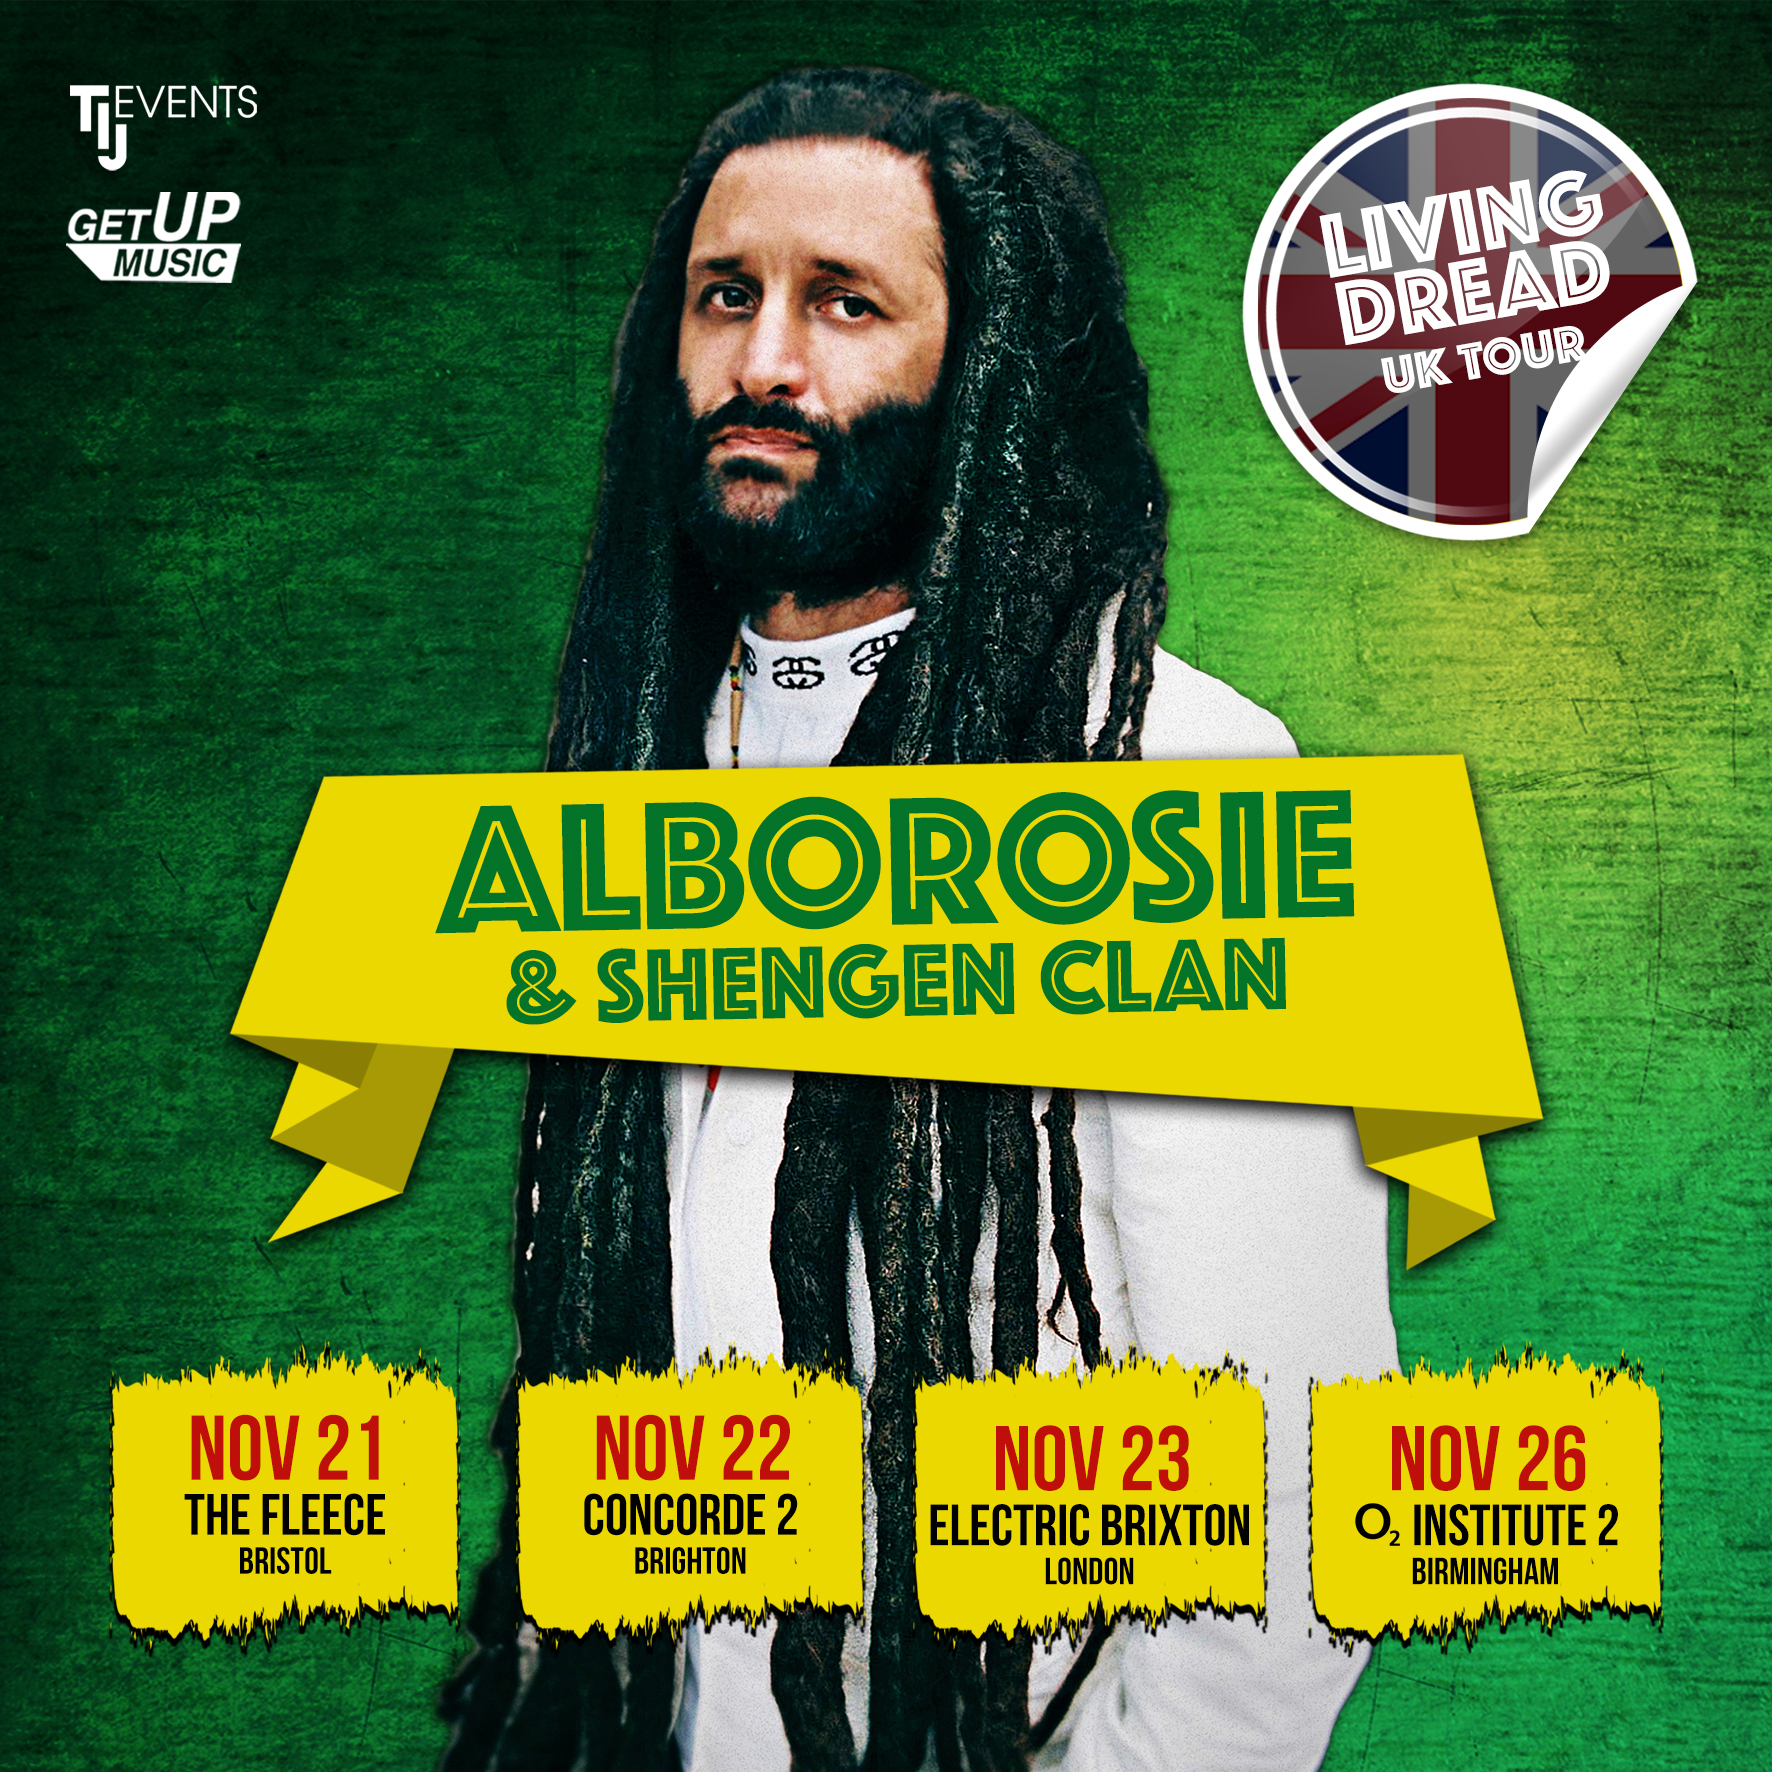 Alborosie UK tour